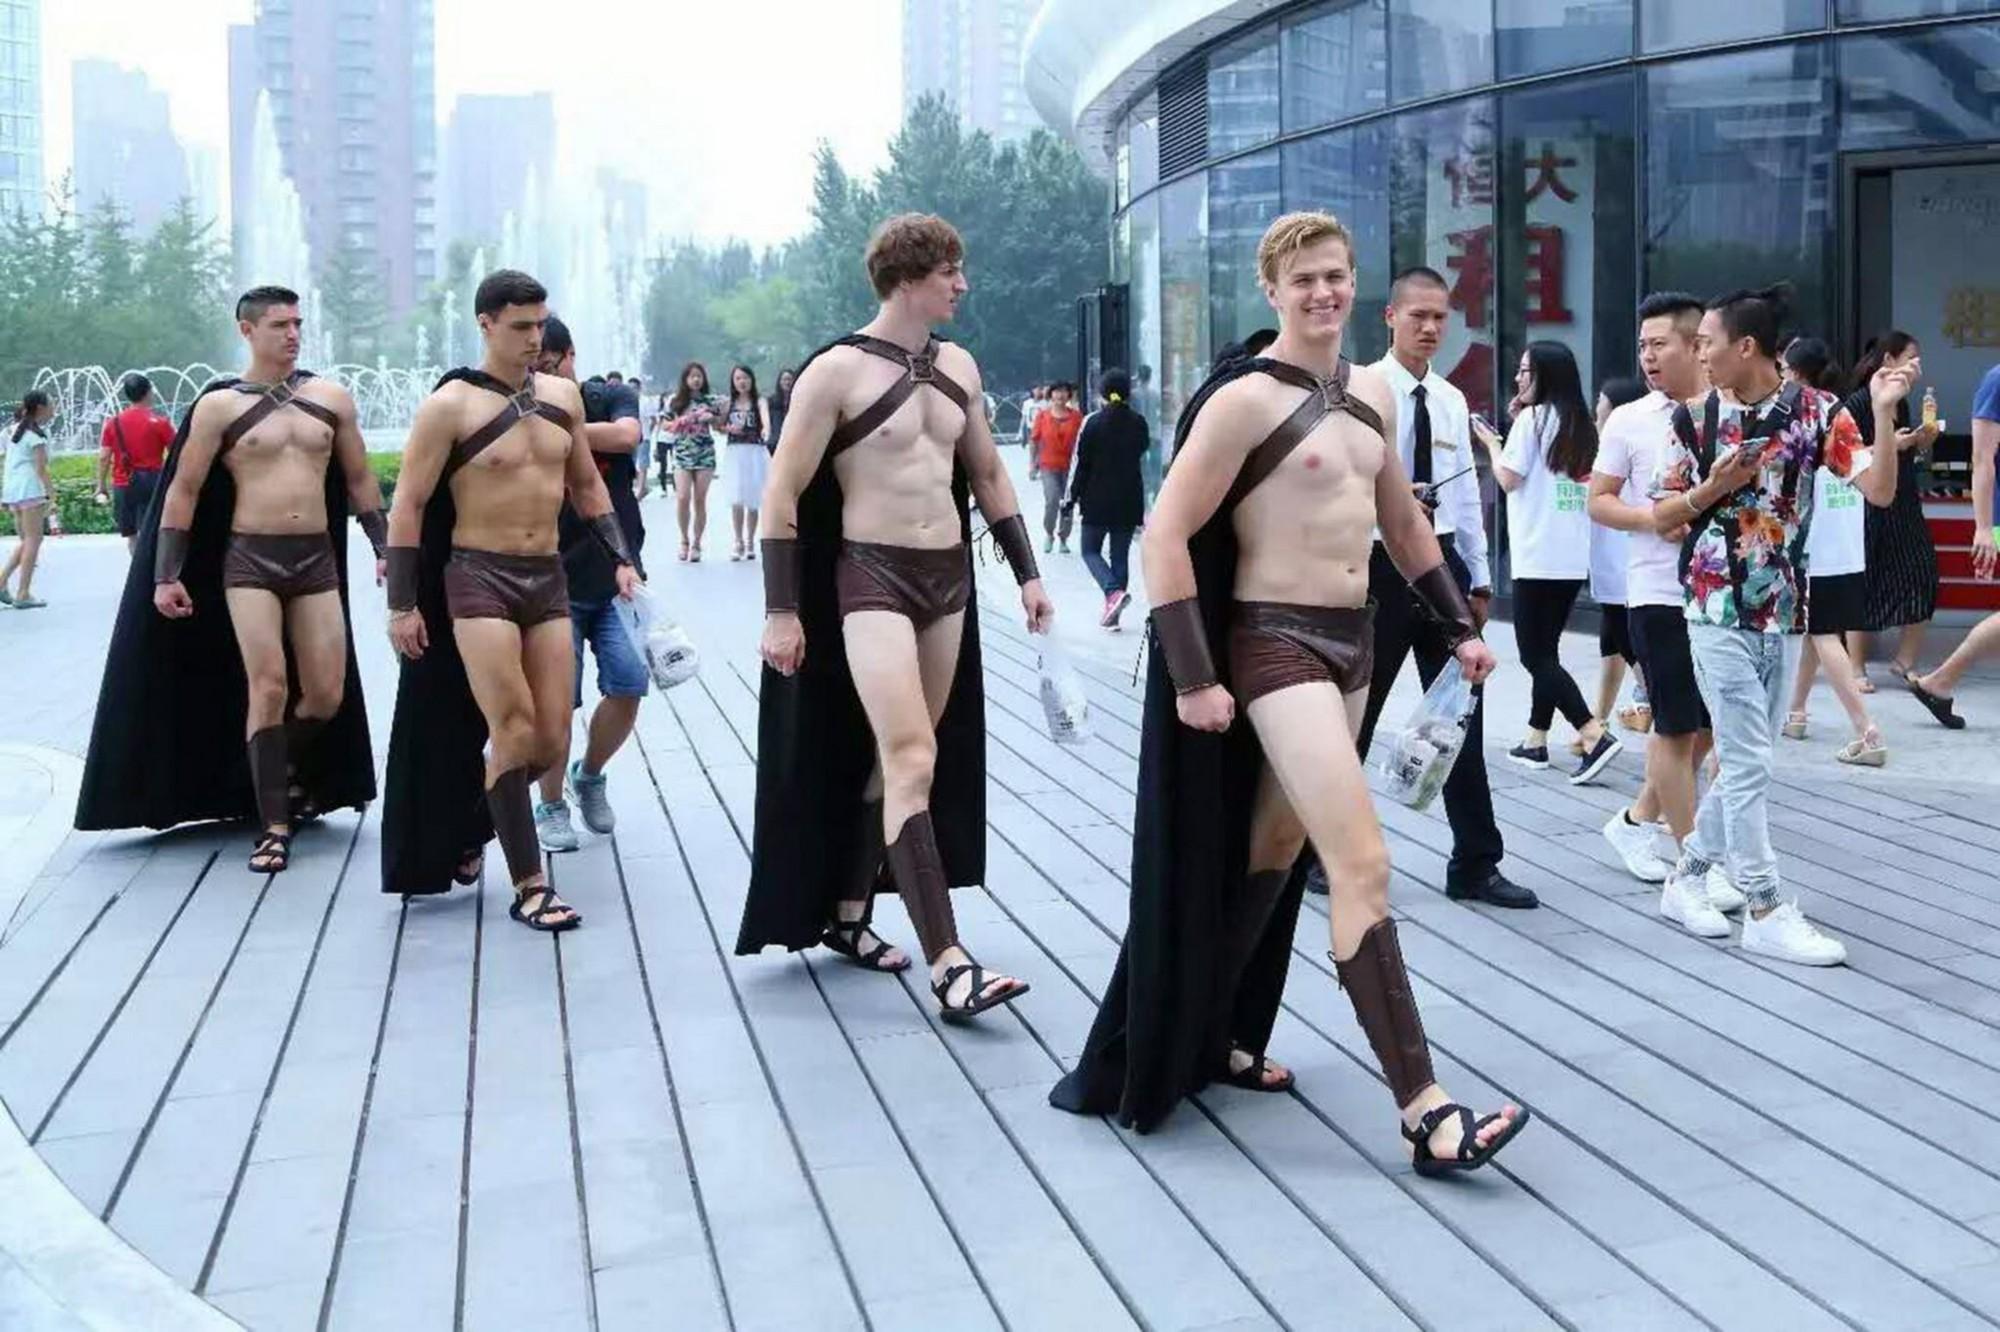 Chuyện mẫu Tây hành nghề chui ở Trung Quốc: Dễ kiếm tiền nhưng phải chấp nhận cởi - Ảnh 3.